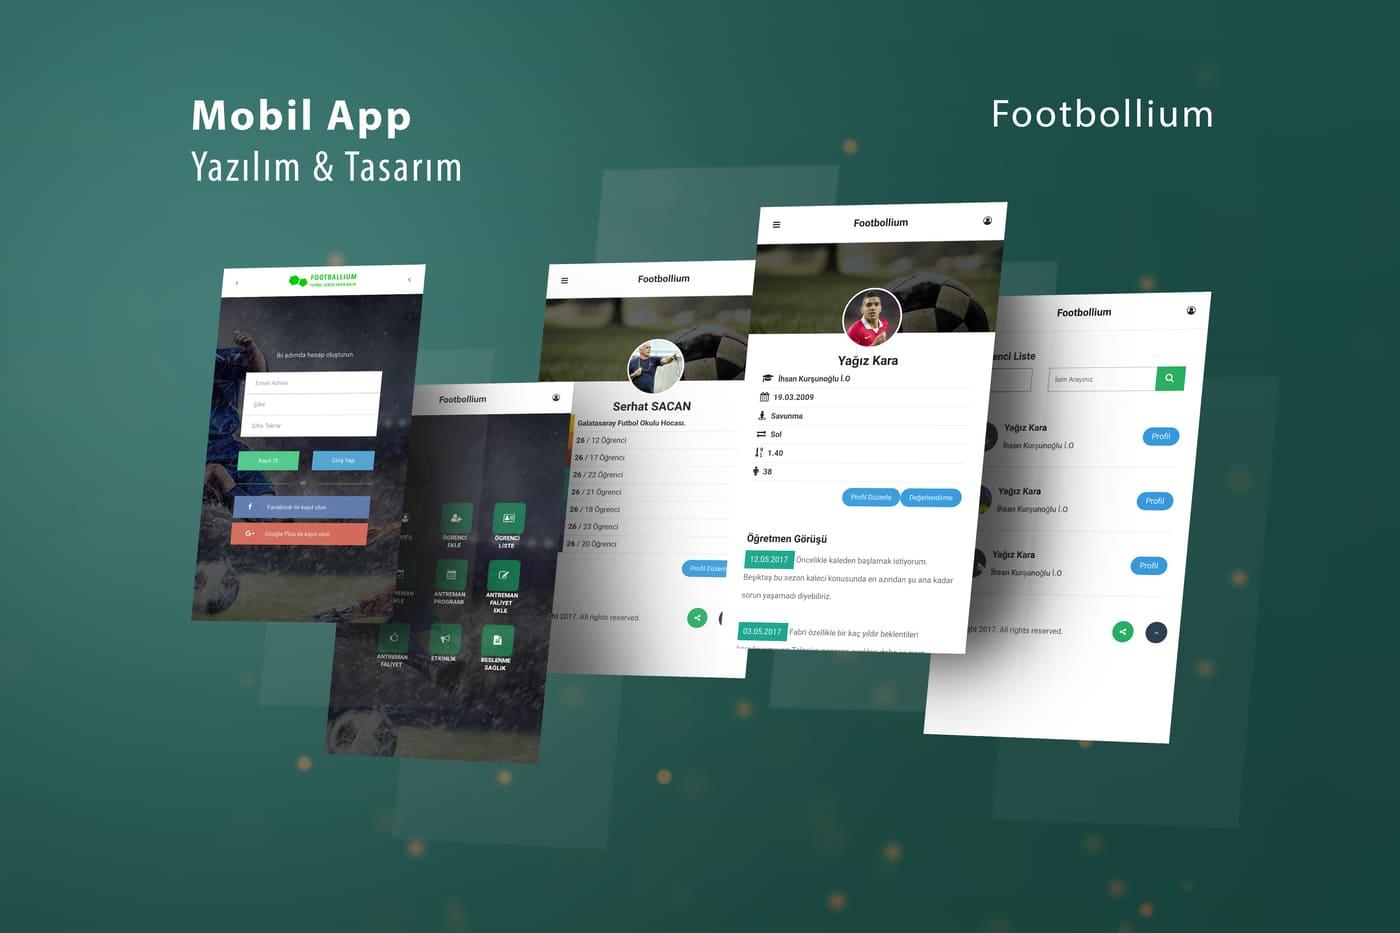 Footballium App